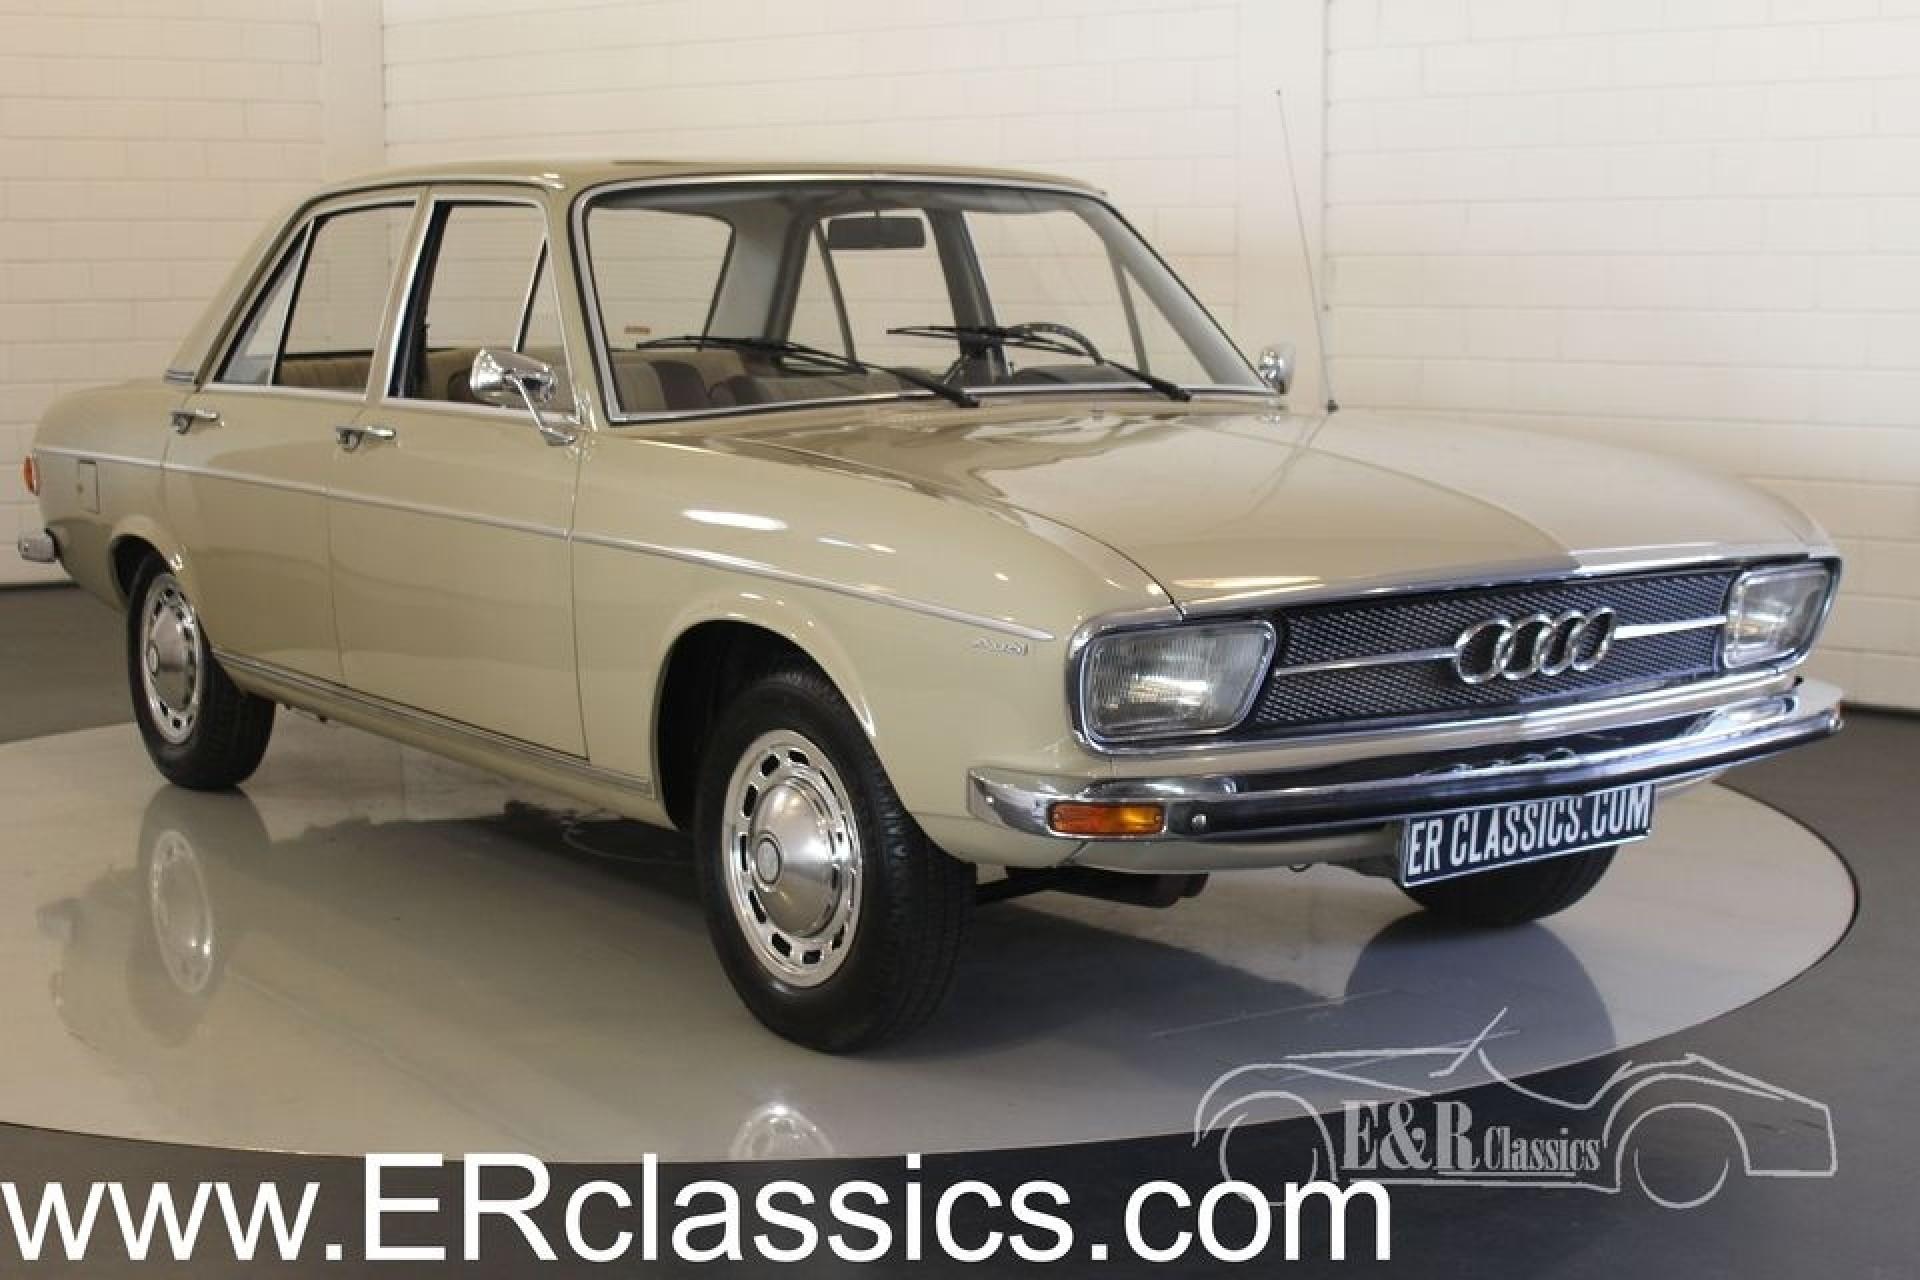 Audi 100 LS 1973 audi-100ls-1973-a3396-001